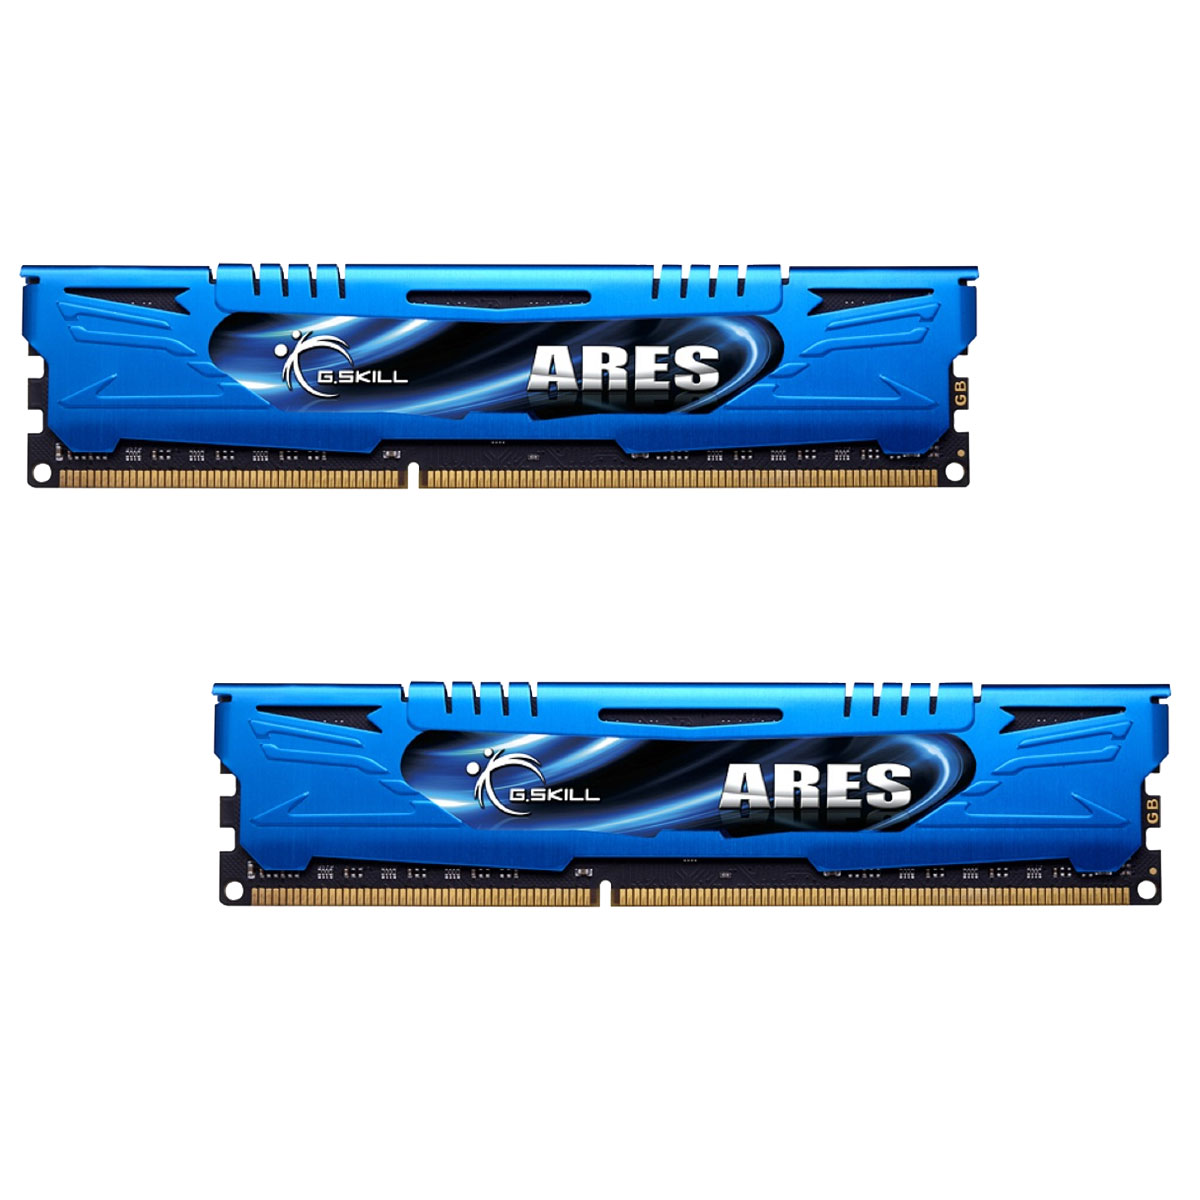 Mémoire PC G.Skill Ares Blue Series 8 Go (2 x 4 Go) DDR3 1600 MHz CL8 Kit Dual Channel DDR3 PC3-12800 - F3-1600C8D-8GAB (garantie à vie par G.Skill)